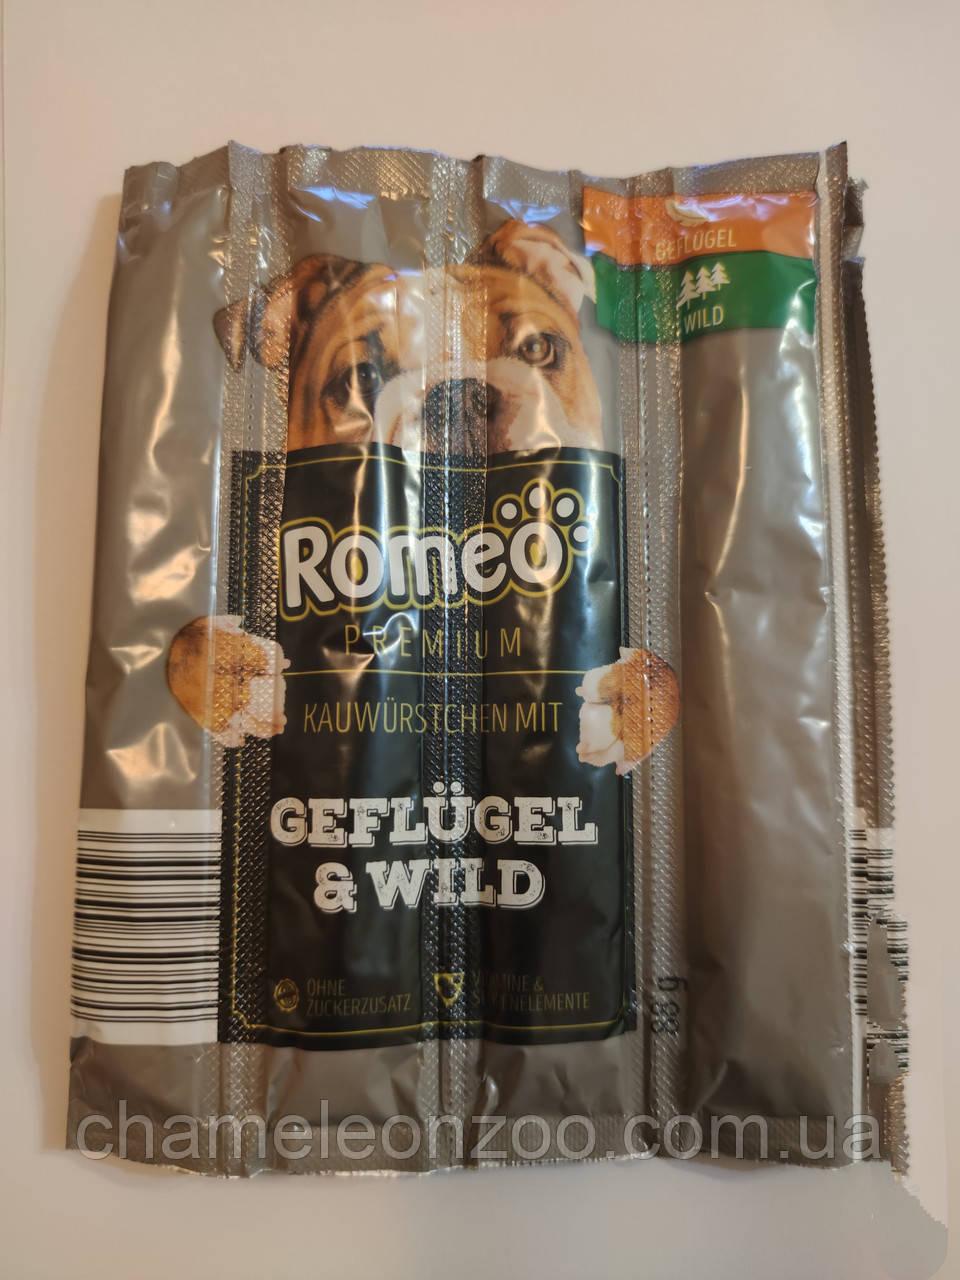 Стики Romeo Dog geflugel & wild (дикая птица) 88гр 8 штук